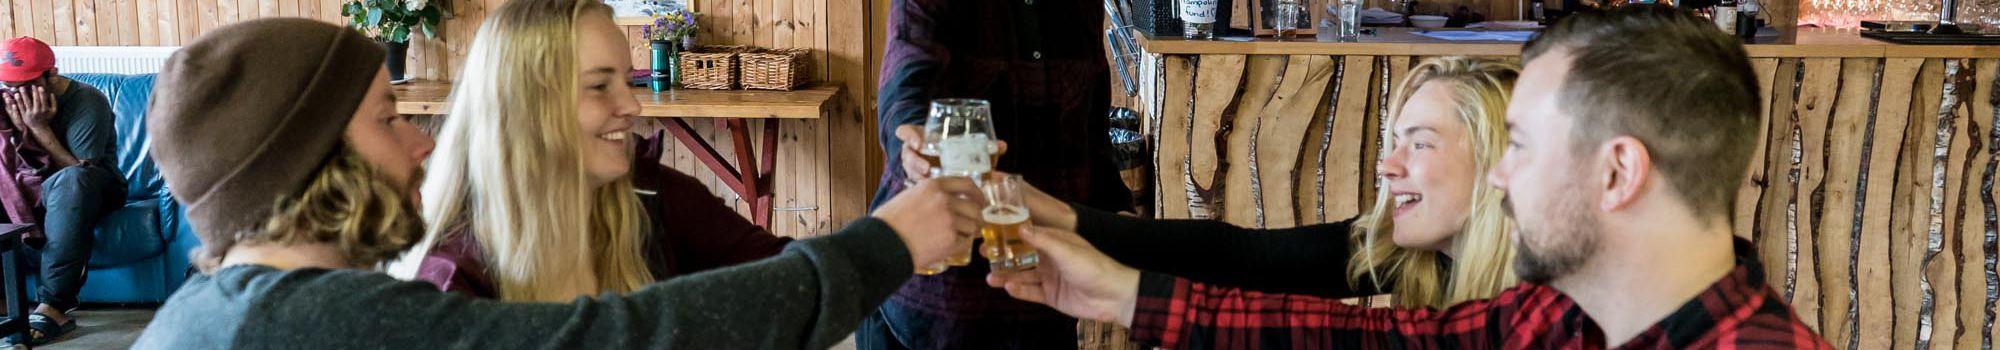 Icelandic beer tasting in Drumbo